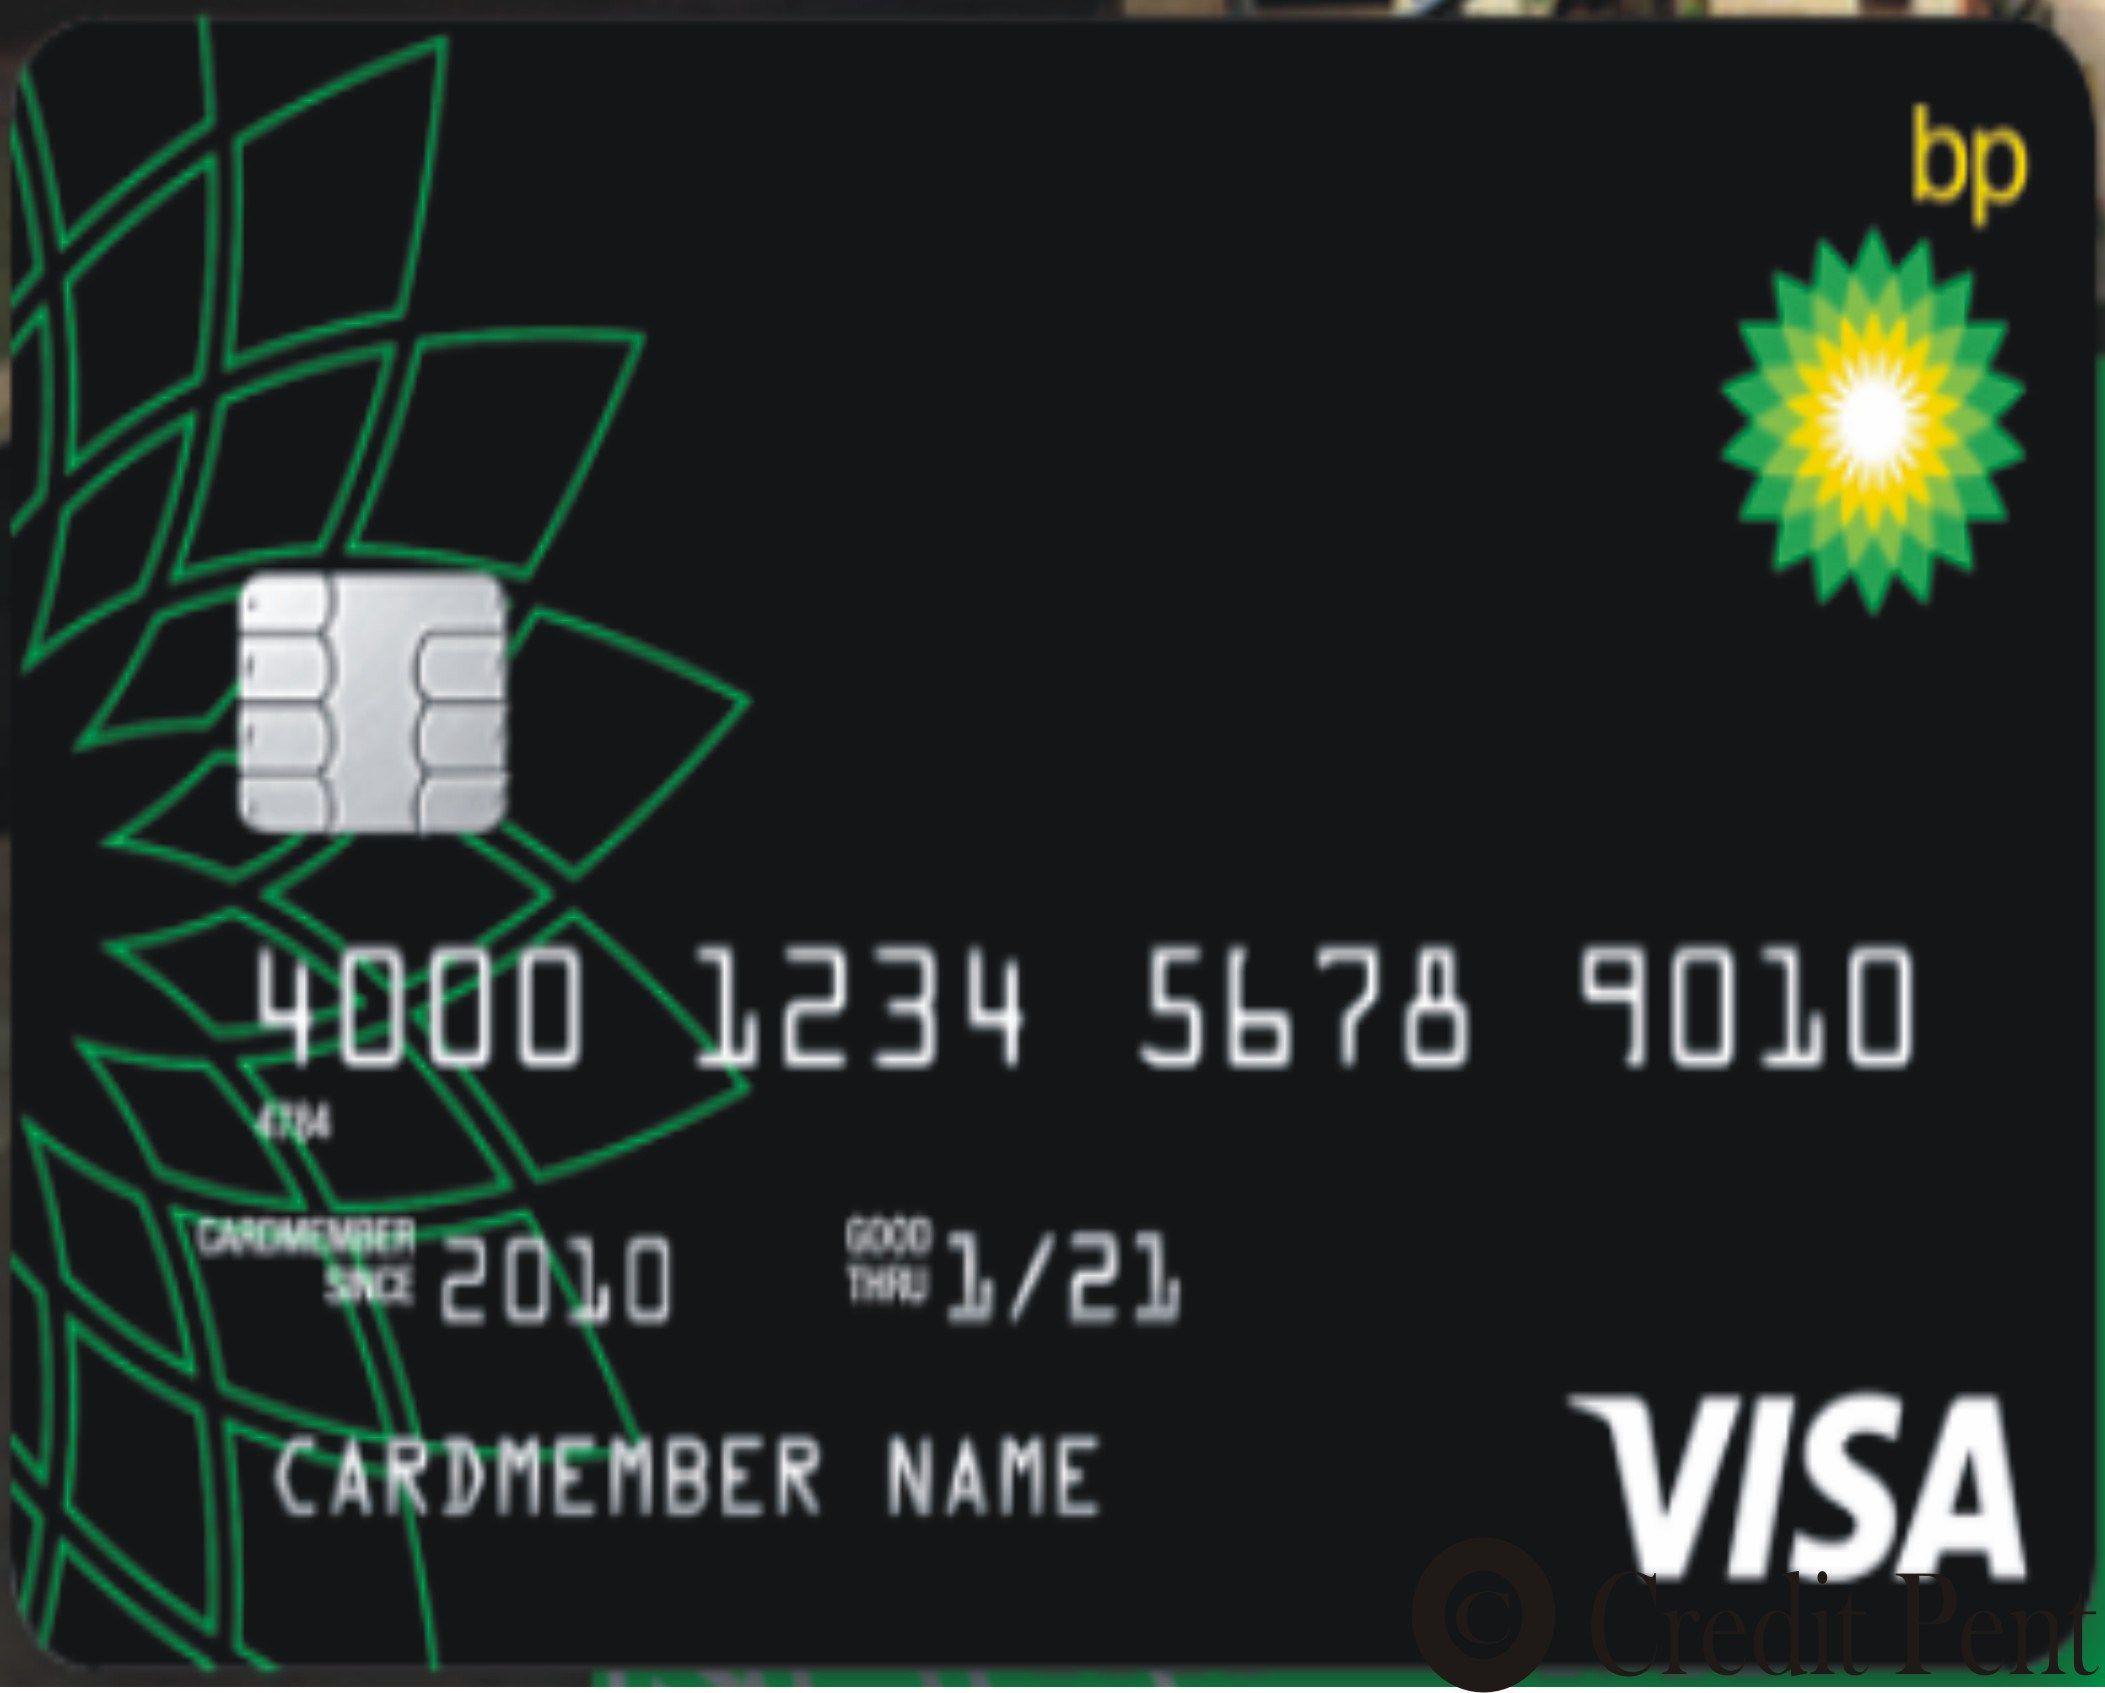 BP Credit Card Login BP Phone Number BP Application